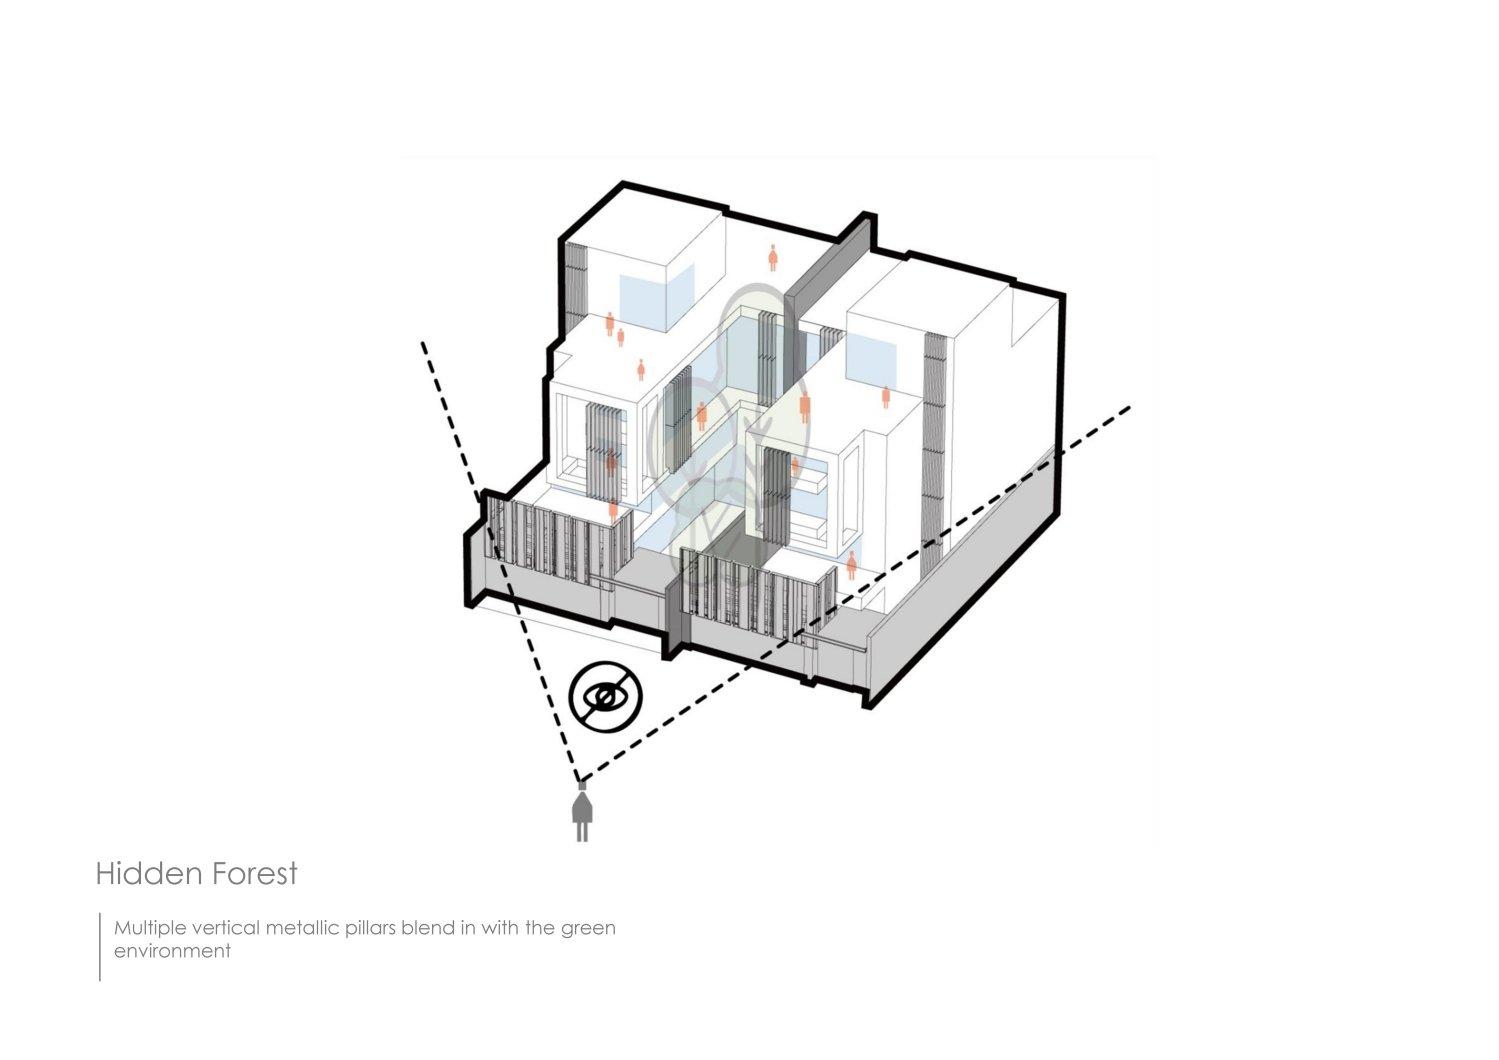 Hidden Forest Chain10 Architecture & Interior Design Institute}